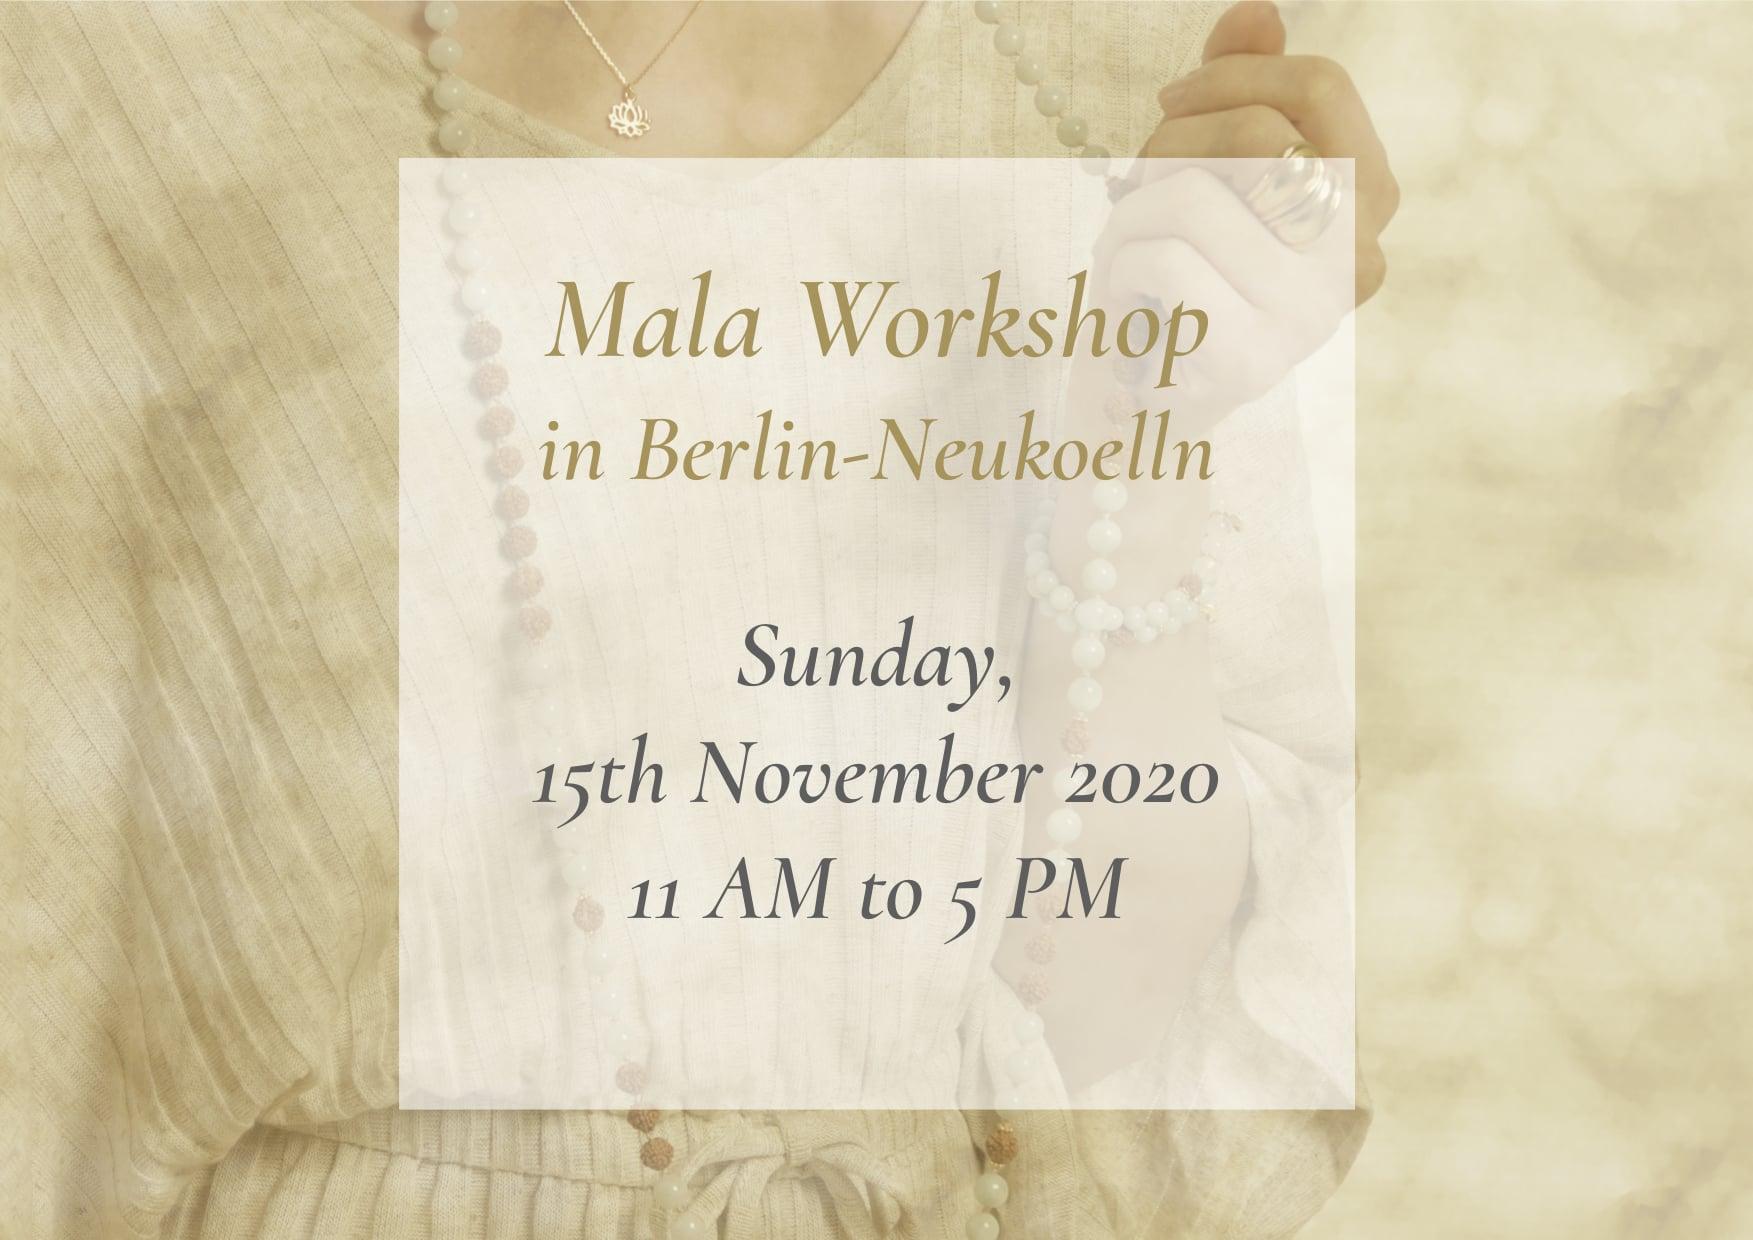 NW_Mala_WS_11_2020_Berlin_EN